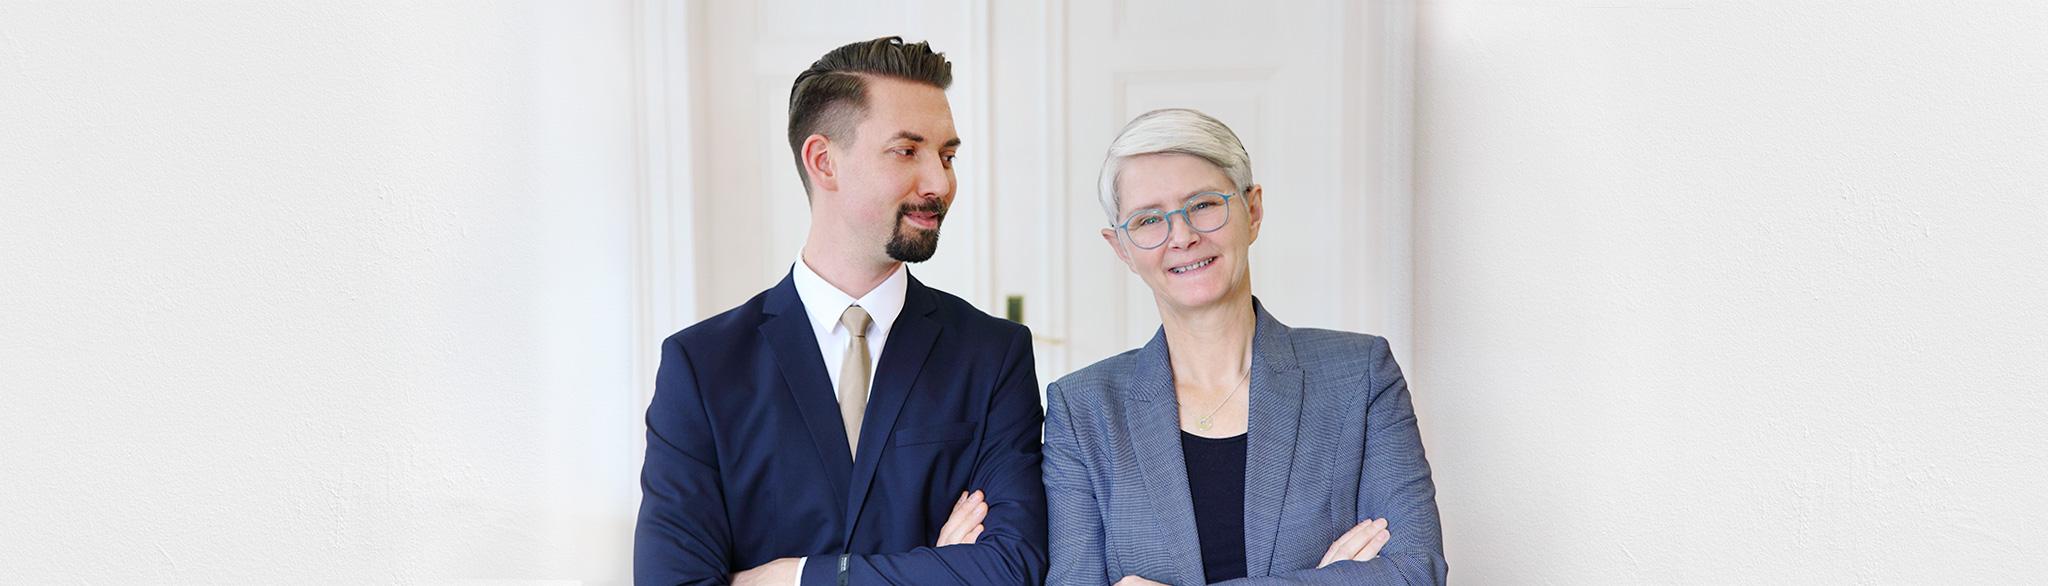 Rechtsanwältin für Familienrecht in Regensburg: Amanda Escherich